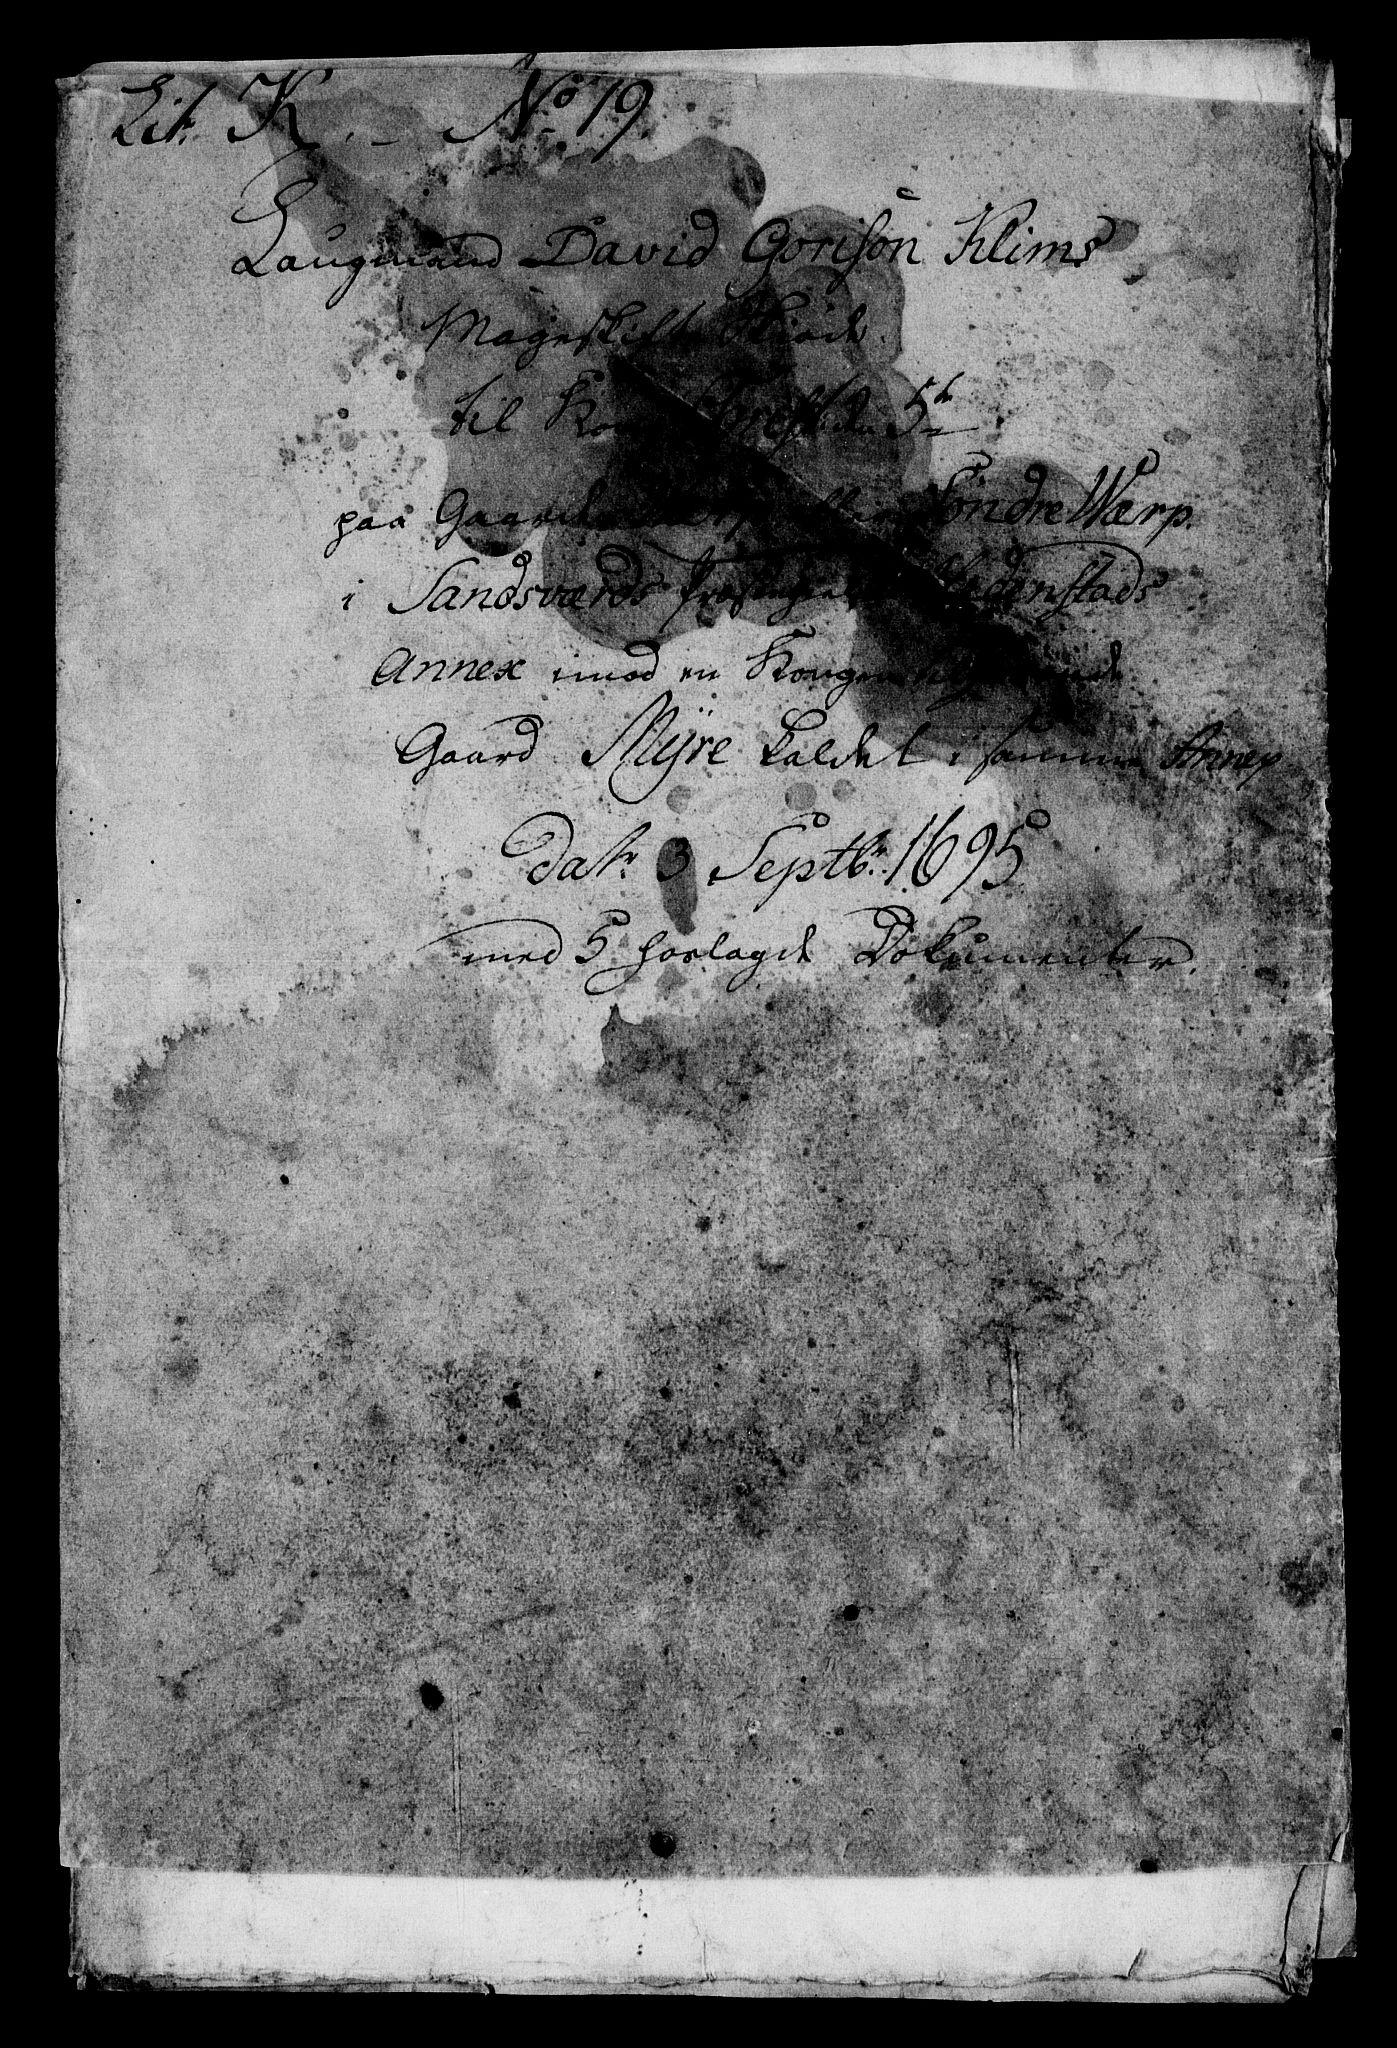 RA, Rentekammeret inntil 1814, Realistisk ordnet avdeling, On/L0009: [Jj 9]: Forskjellige skjøter og makeskifter med kirker og prestebord. Ervervelsen av Vallø saltverks eiendommer, s. 25